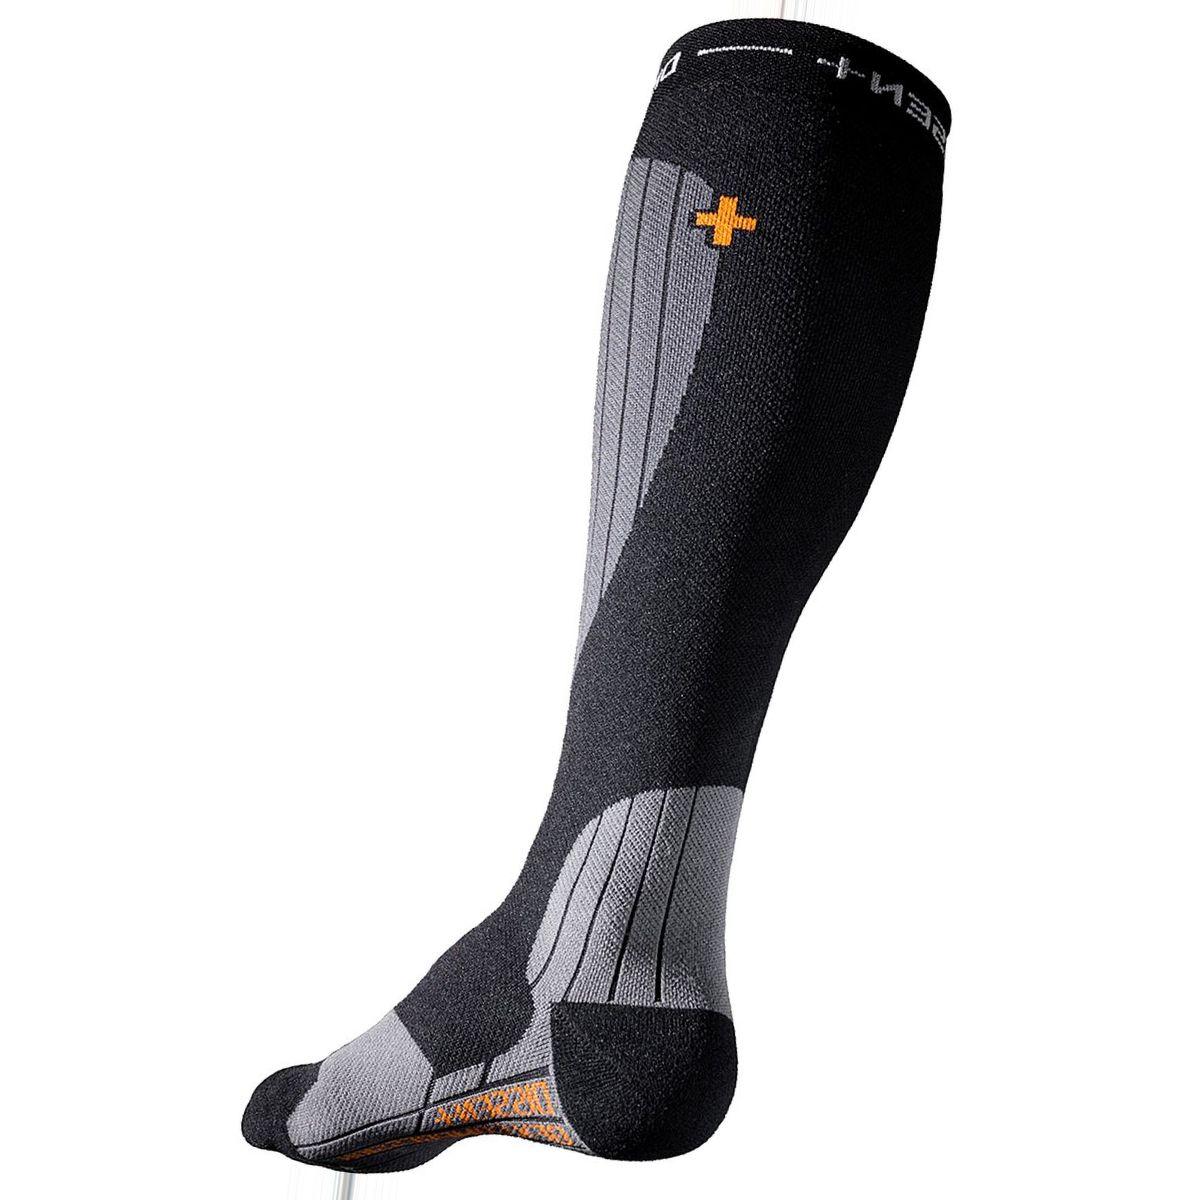 Dissent Ski Genuflex Compression Sock - Men's